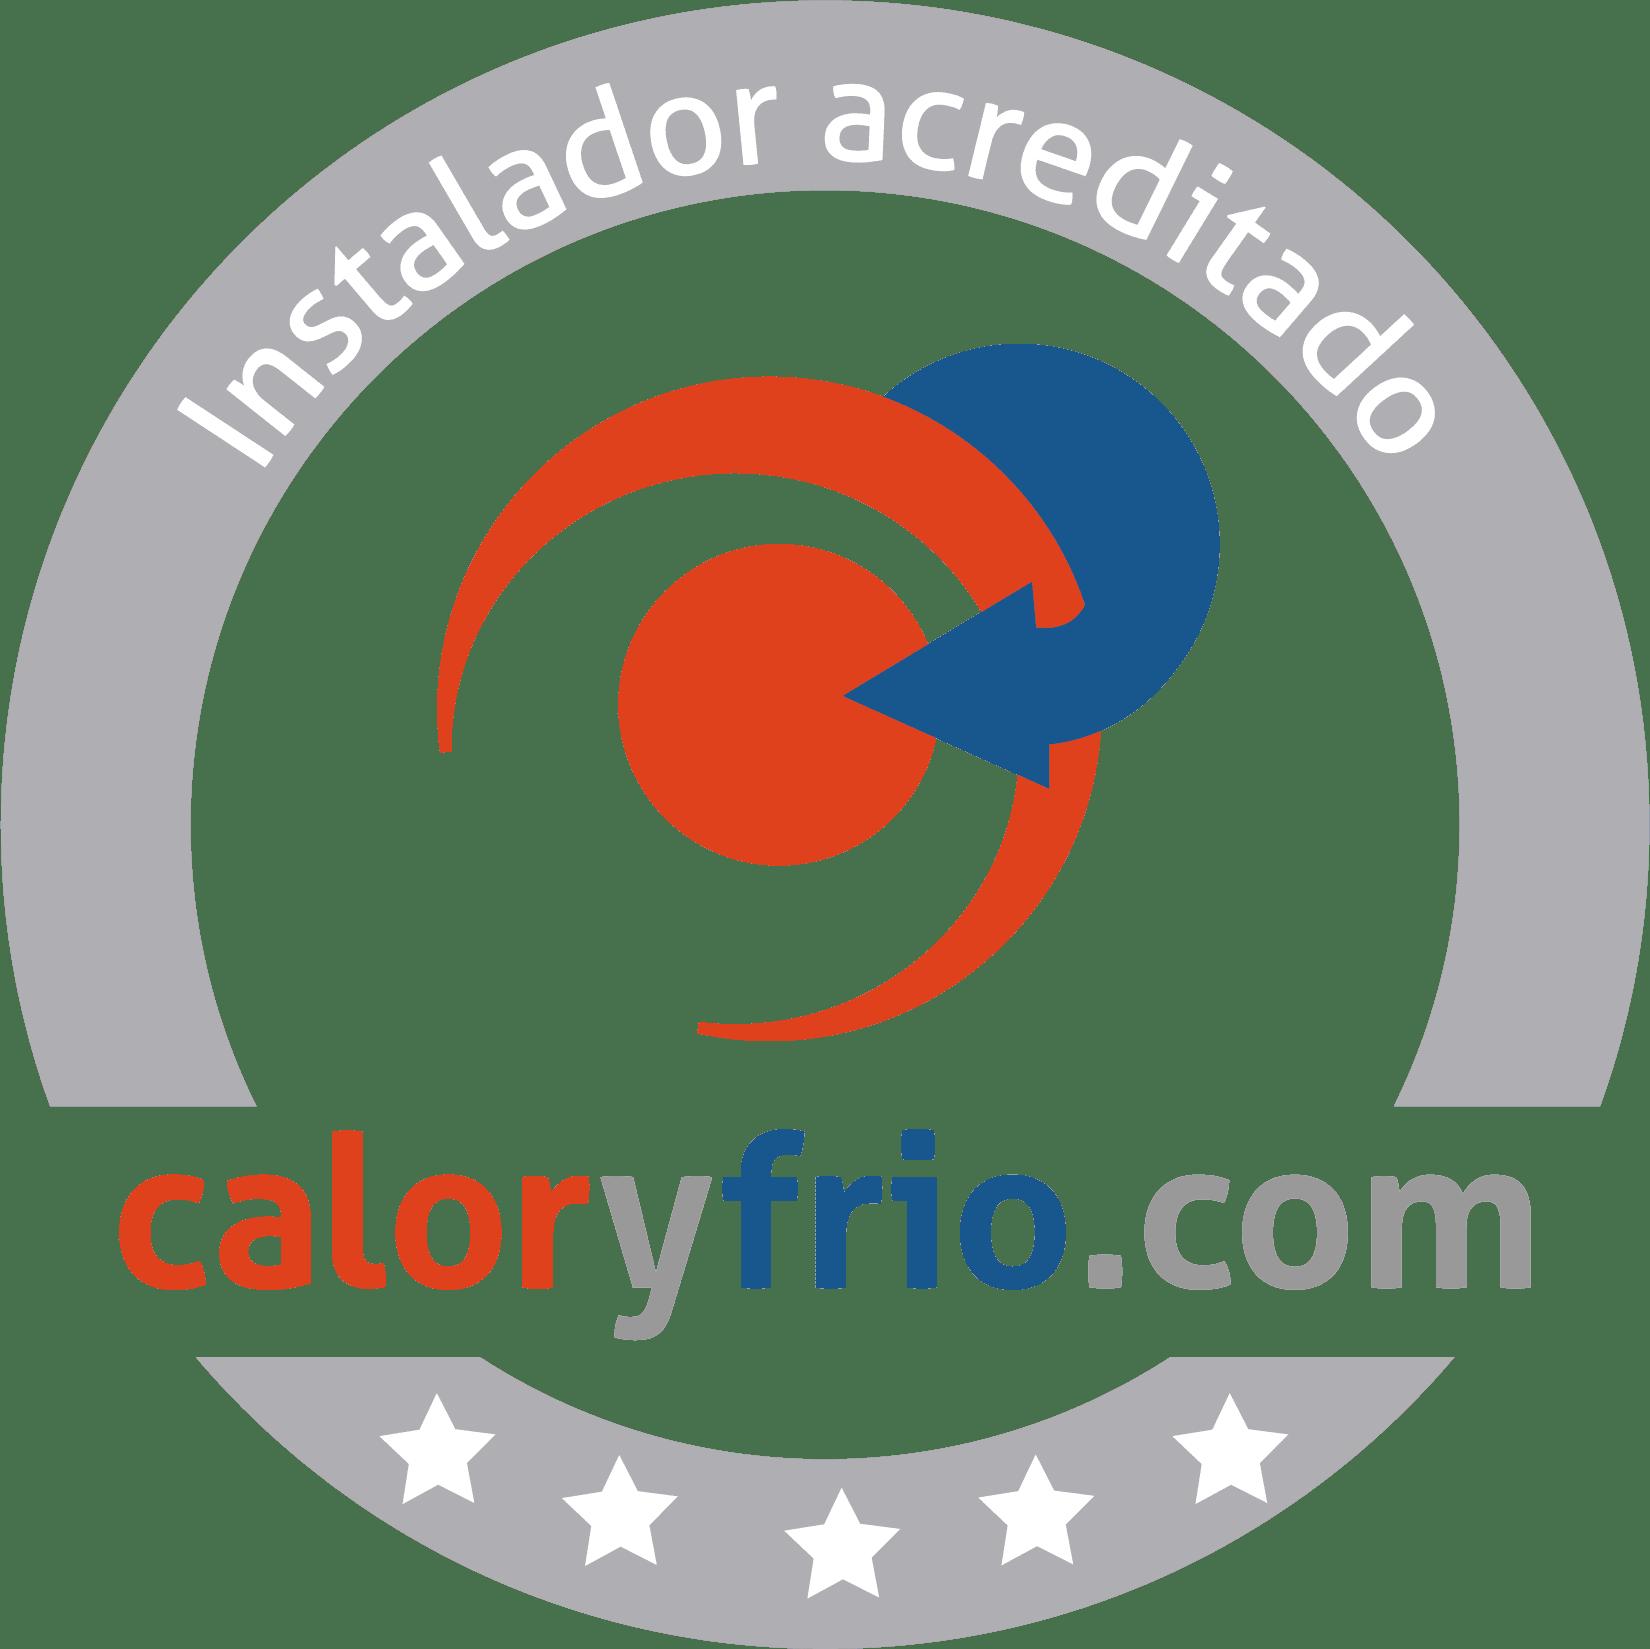 Caloryfrio